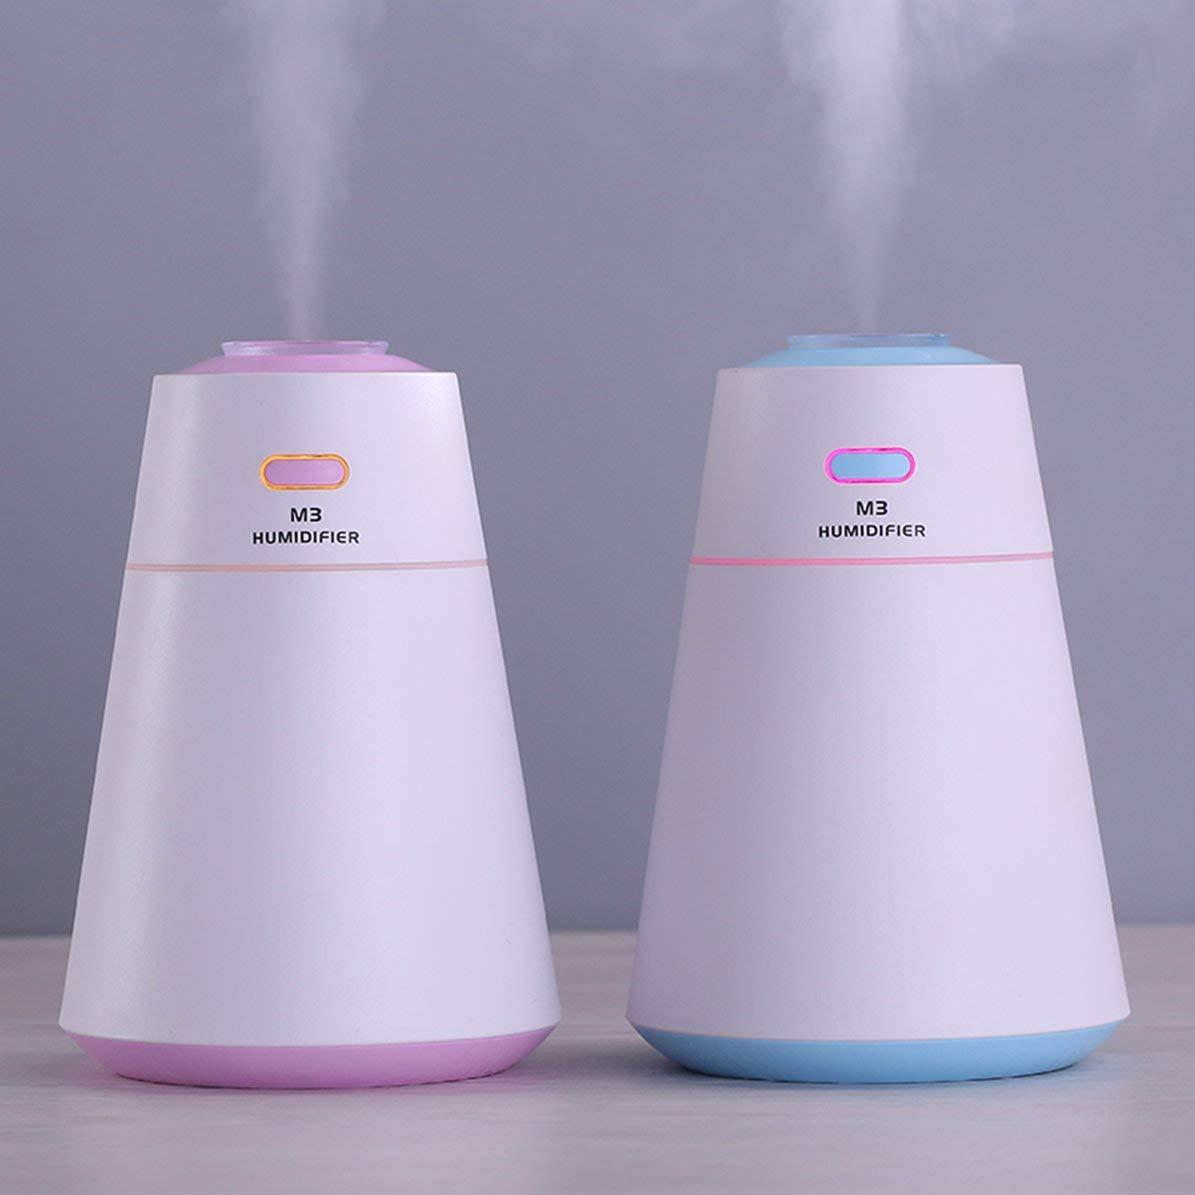 Diffuseur dhuile essentielle dhumidificateur dair portatif dUSB avec l/épurateur dair color/é de LED pour le bureau /à domicile Aromatherapy